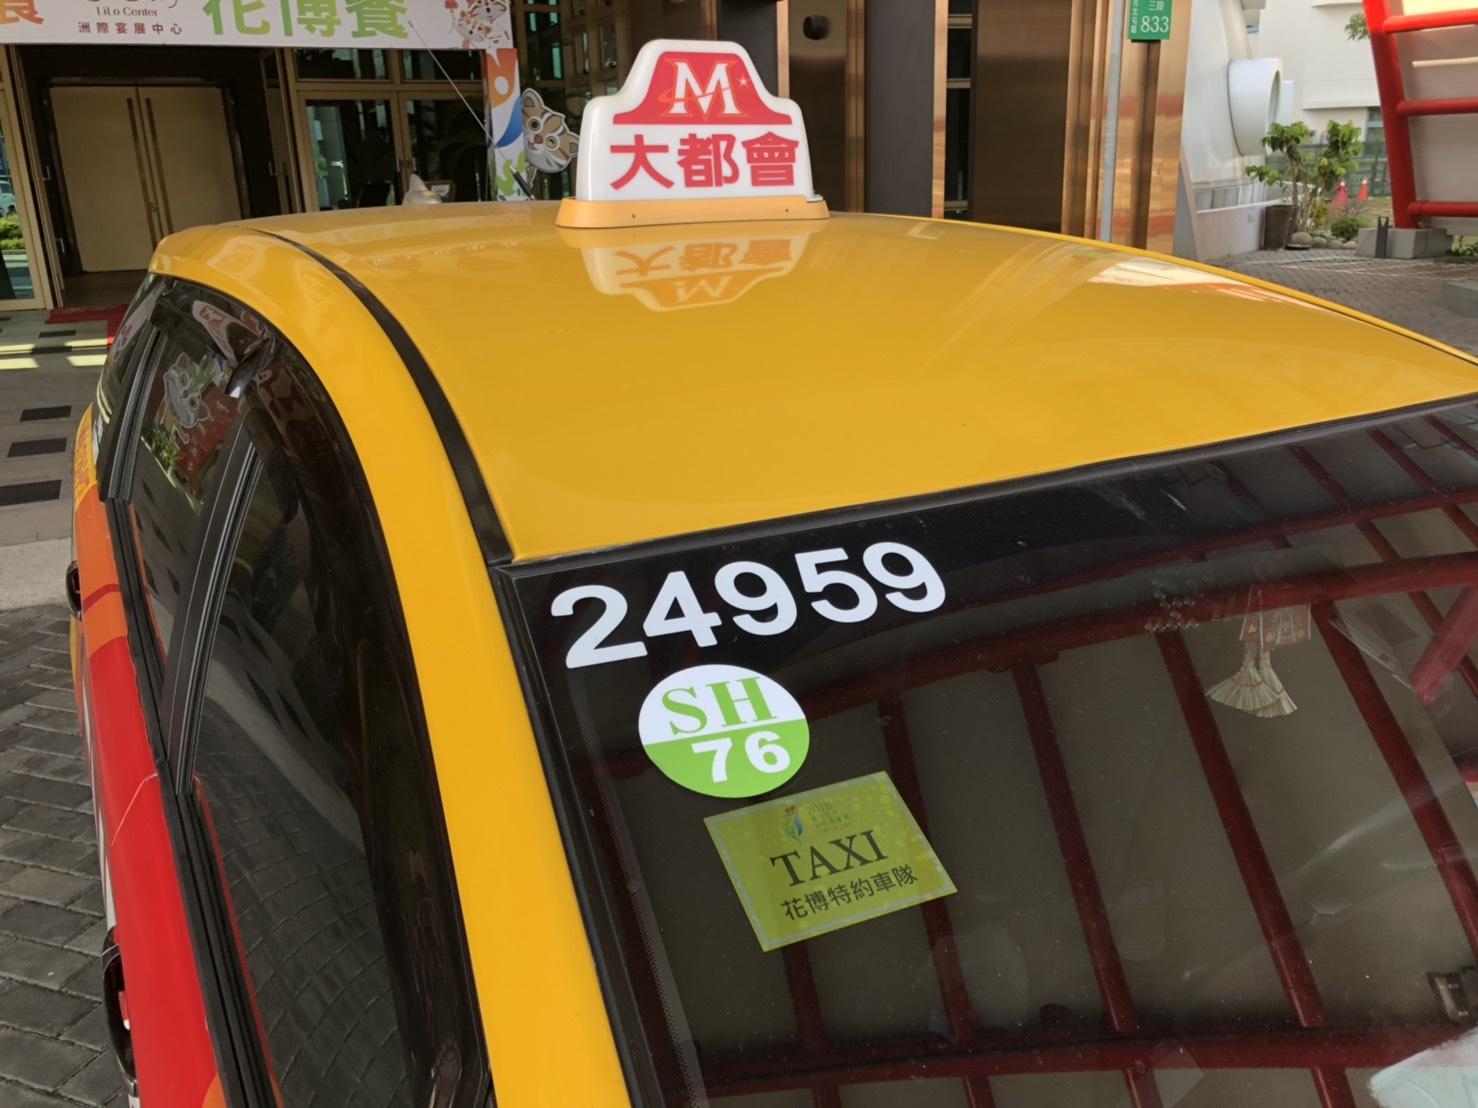 中市花博特約計程車隊 提供多元便利交通選擇